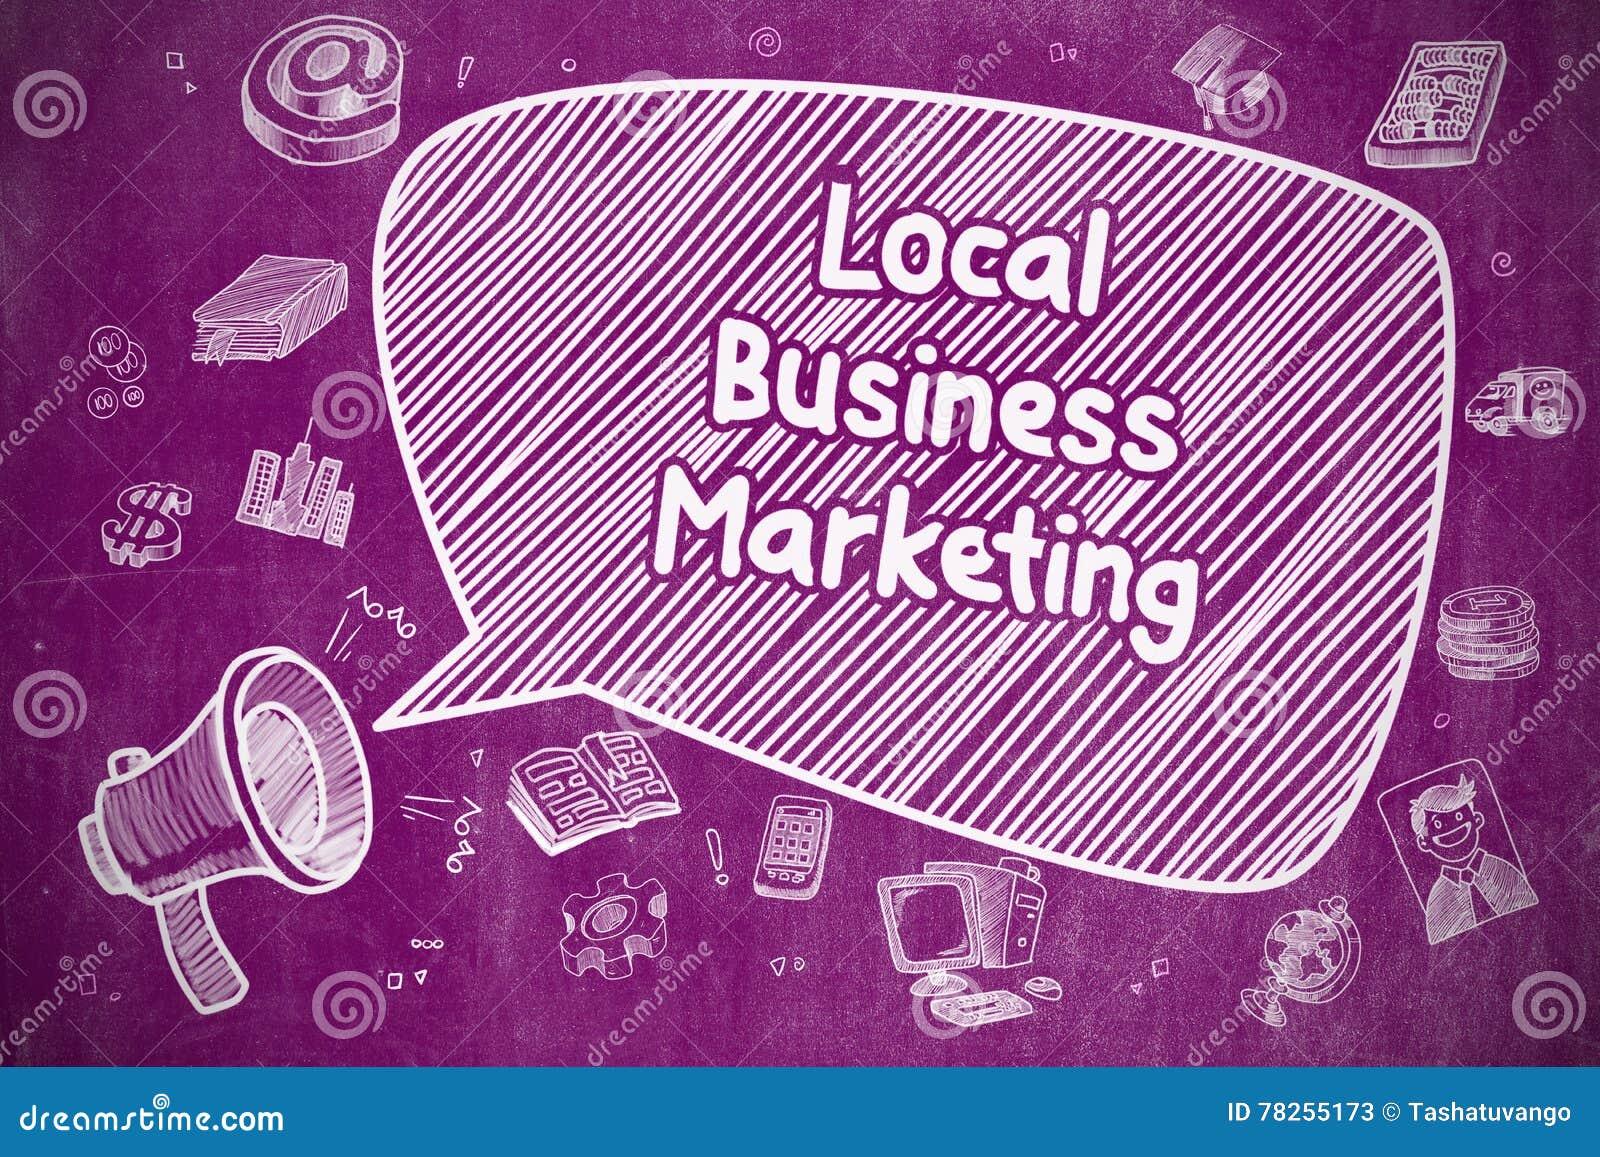 Τοπική επιχείρηση που εμπορεύεται - επιχειρησιακή έννοια